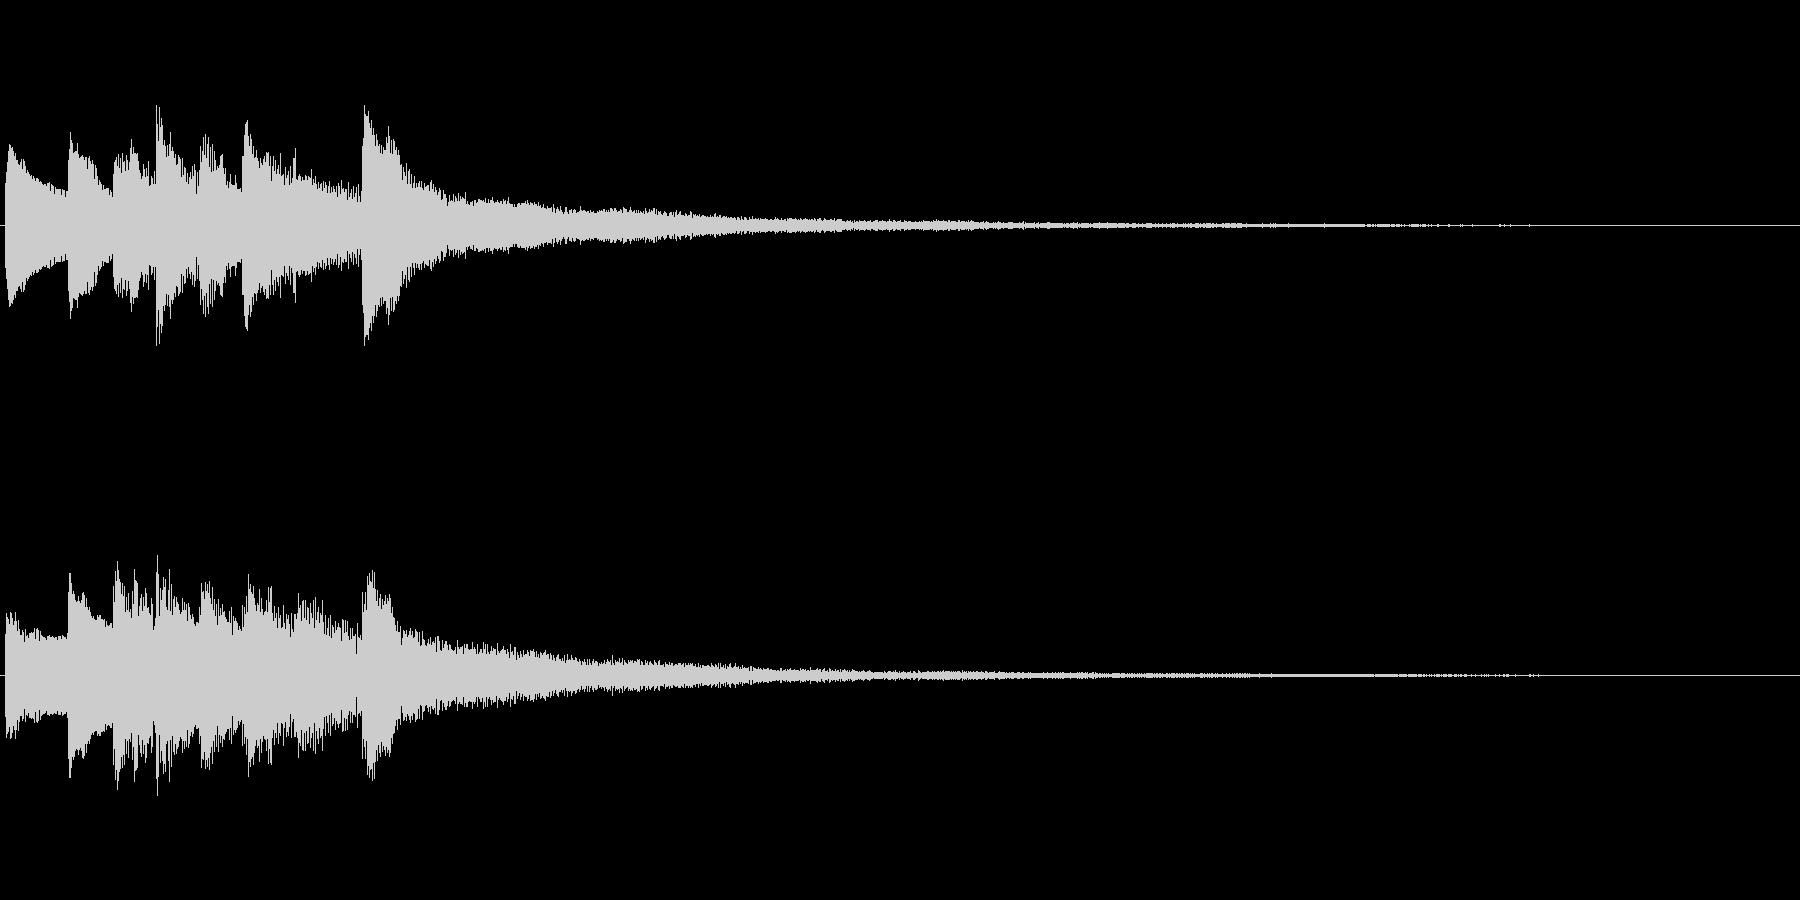 ピアノソロサウンドロゴ 優雅 大人 05の未再生の波形